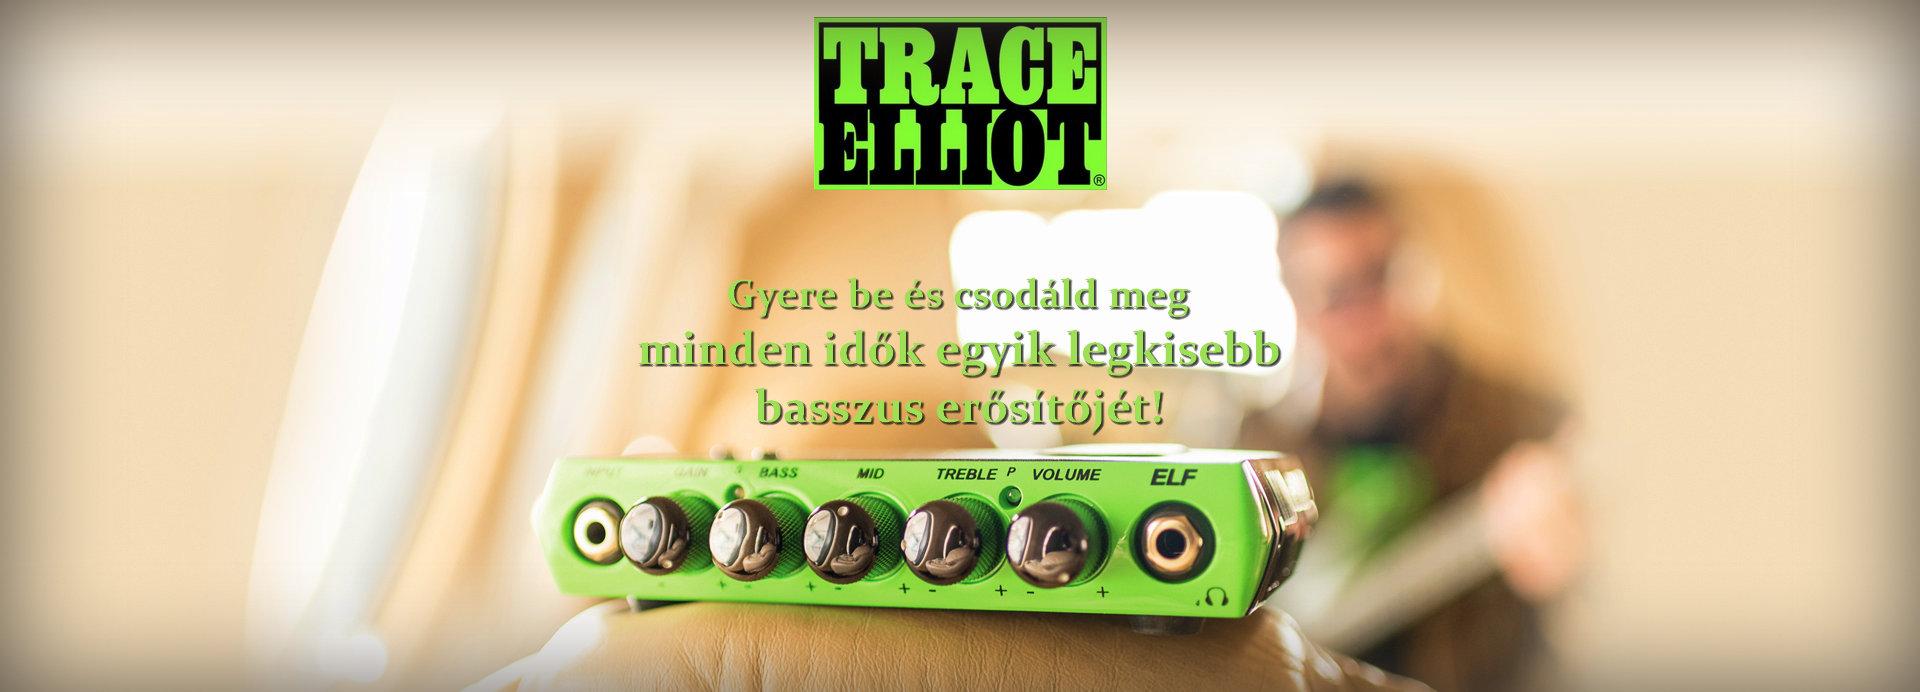 TRACE ELLIOT ELF BASSZUSERŐSÍTŐ FEJ